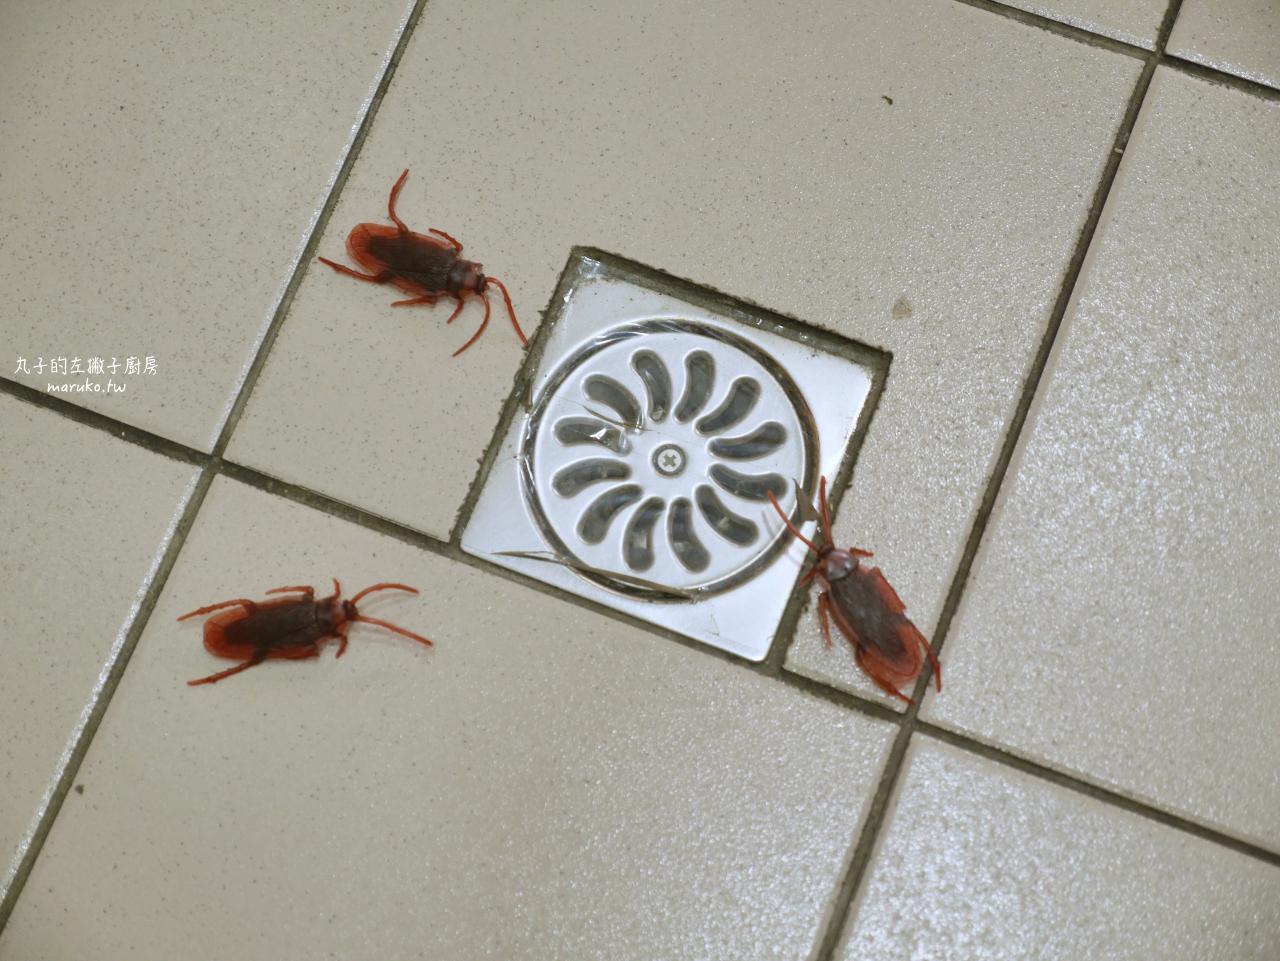 【廚房清潔】免警蟑 十個廚房清潔妙招分享 免螞煩 只要這樣做蟑螂螞蟻通通退散 @Maruko與美食有個約會